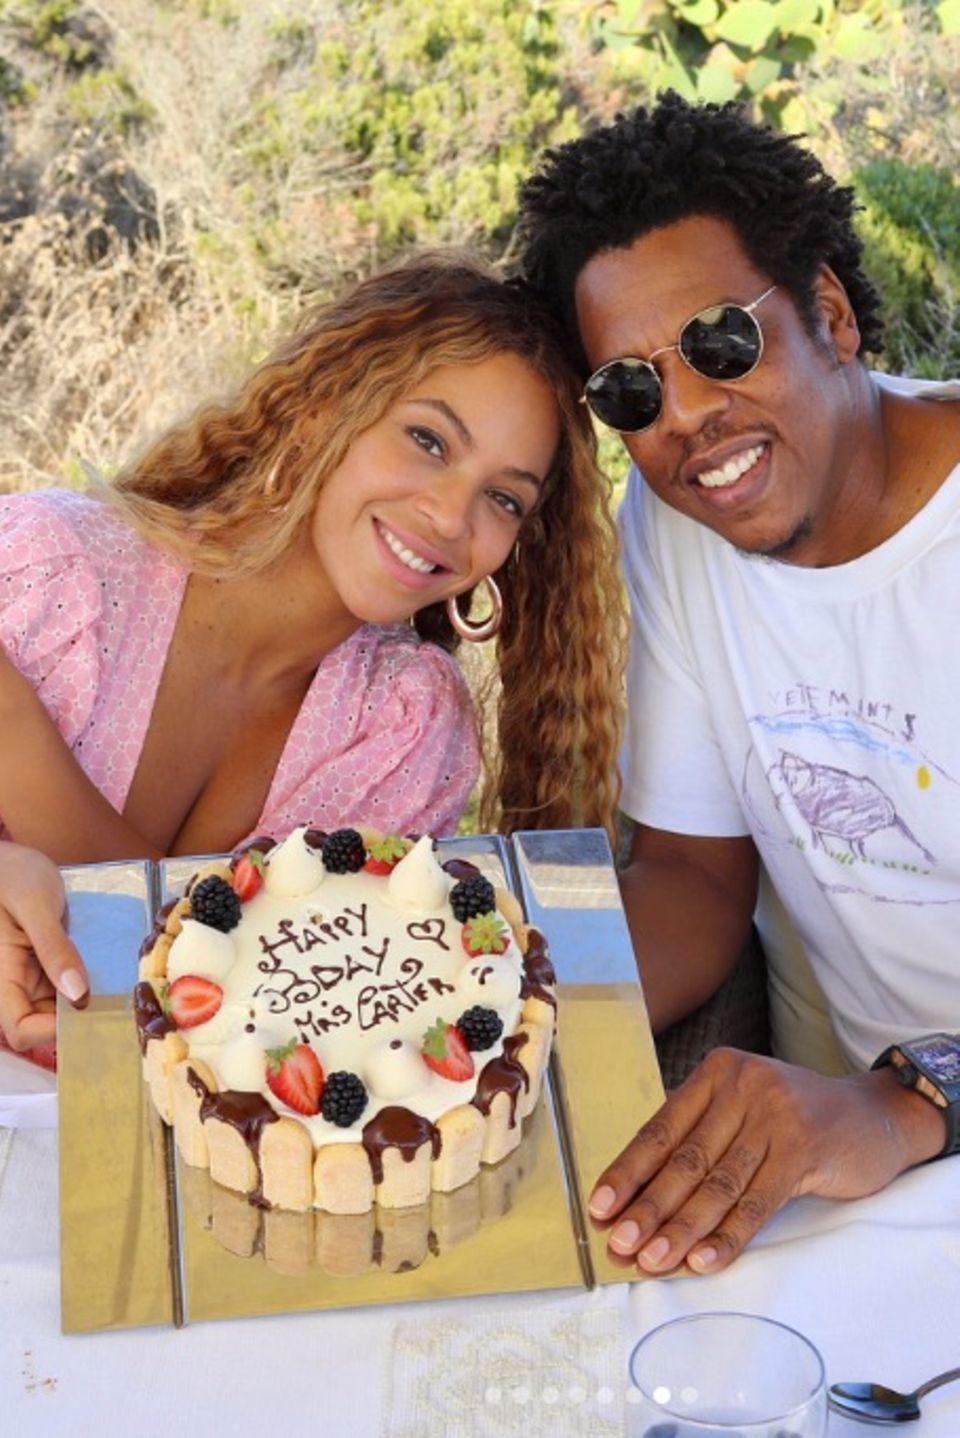 """4. September 2018  Auf Sardinien feiert Beyoncé Knowles mit ihrem Mann Jay Z ihren 37. Geburtstag. Bei herrlichstem Sonnenschein gibt es eine Torte mit der Aufschrift """"Happy B-Day Mrs. Carter."""